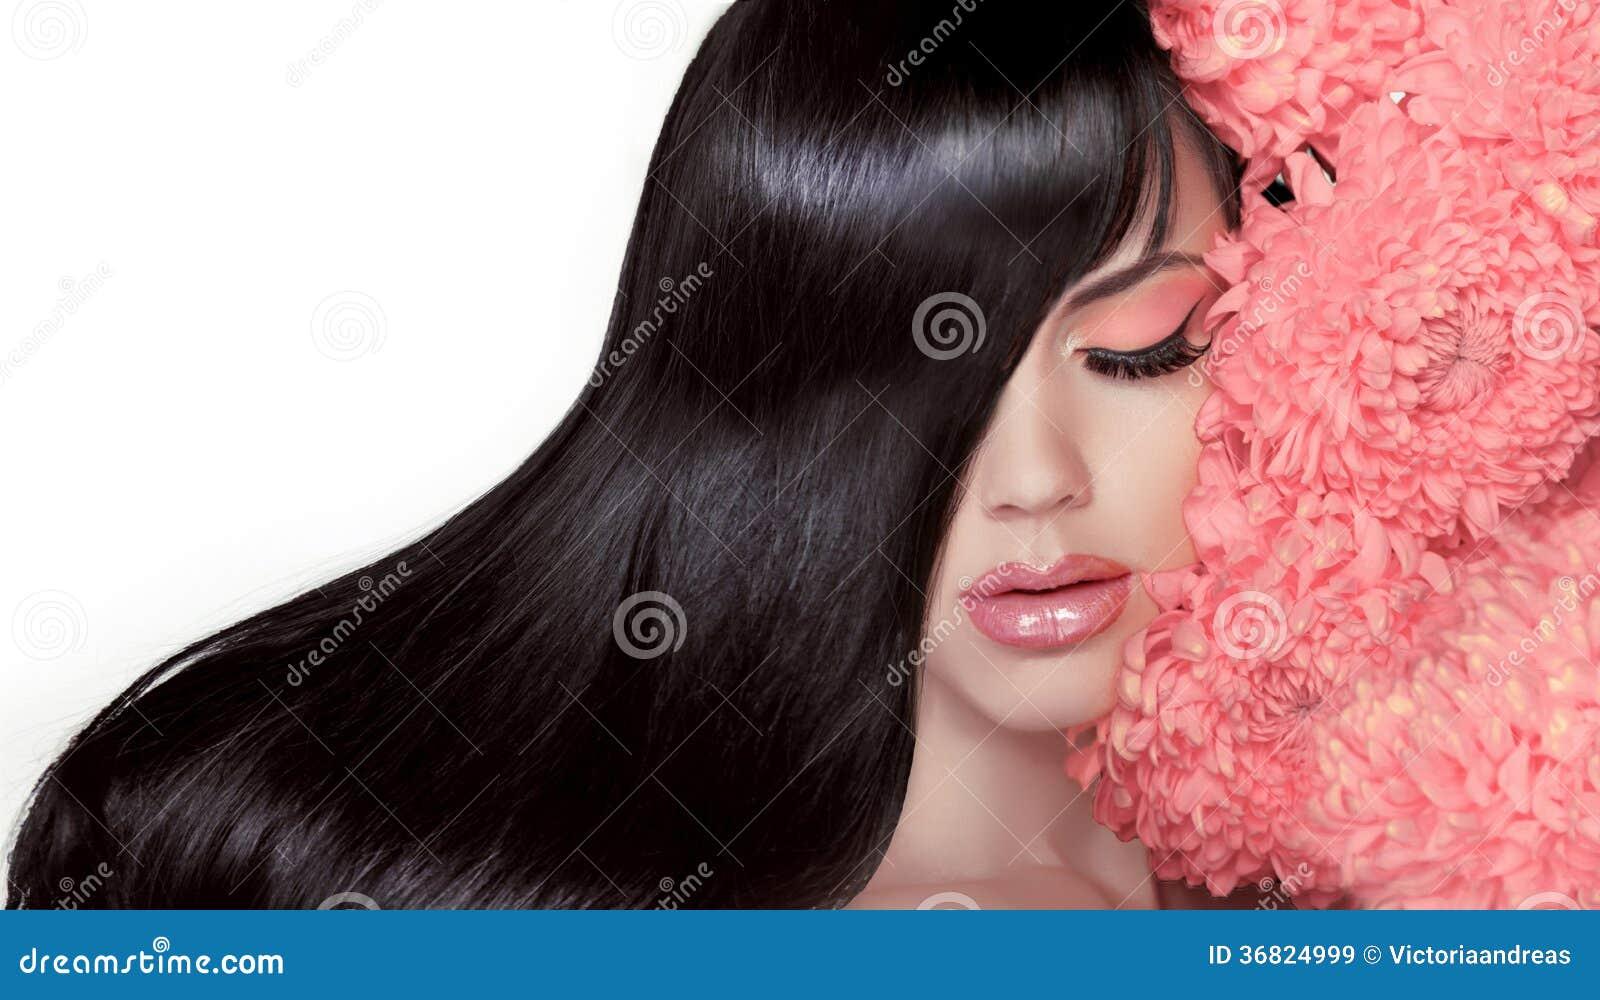 Salon de coiffure. Femme de beauté avec long Blac lisse sain et brillant